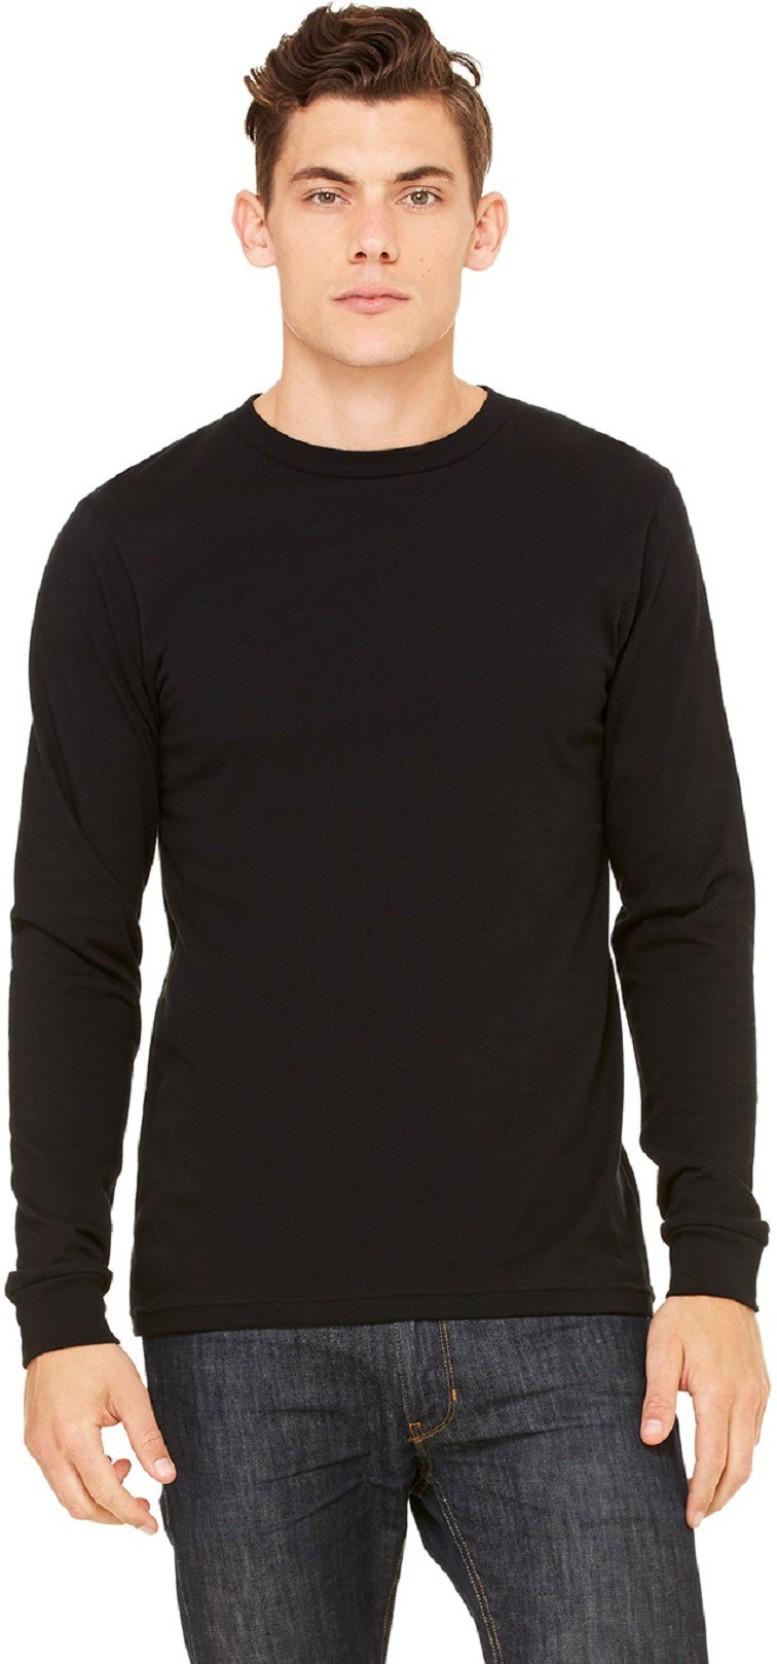 2d975b91937 The Archer Solid Men's Round Neck Black T-Shirt